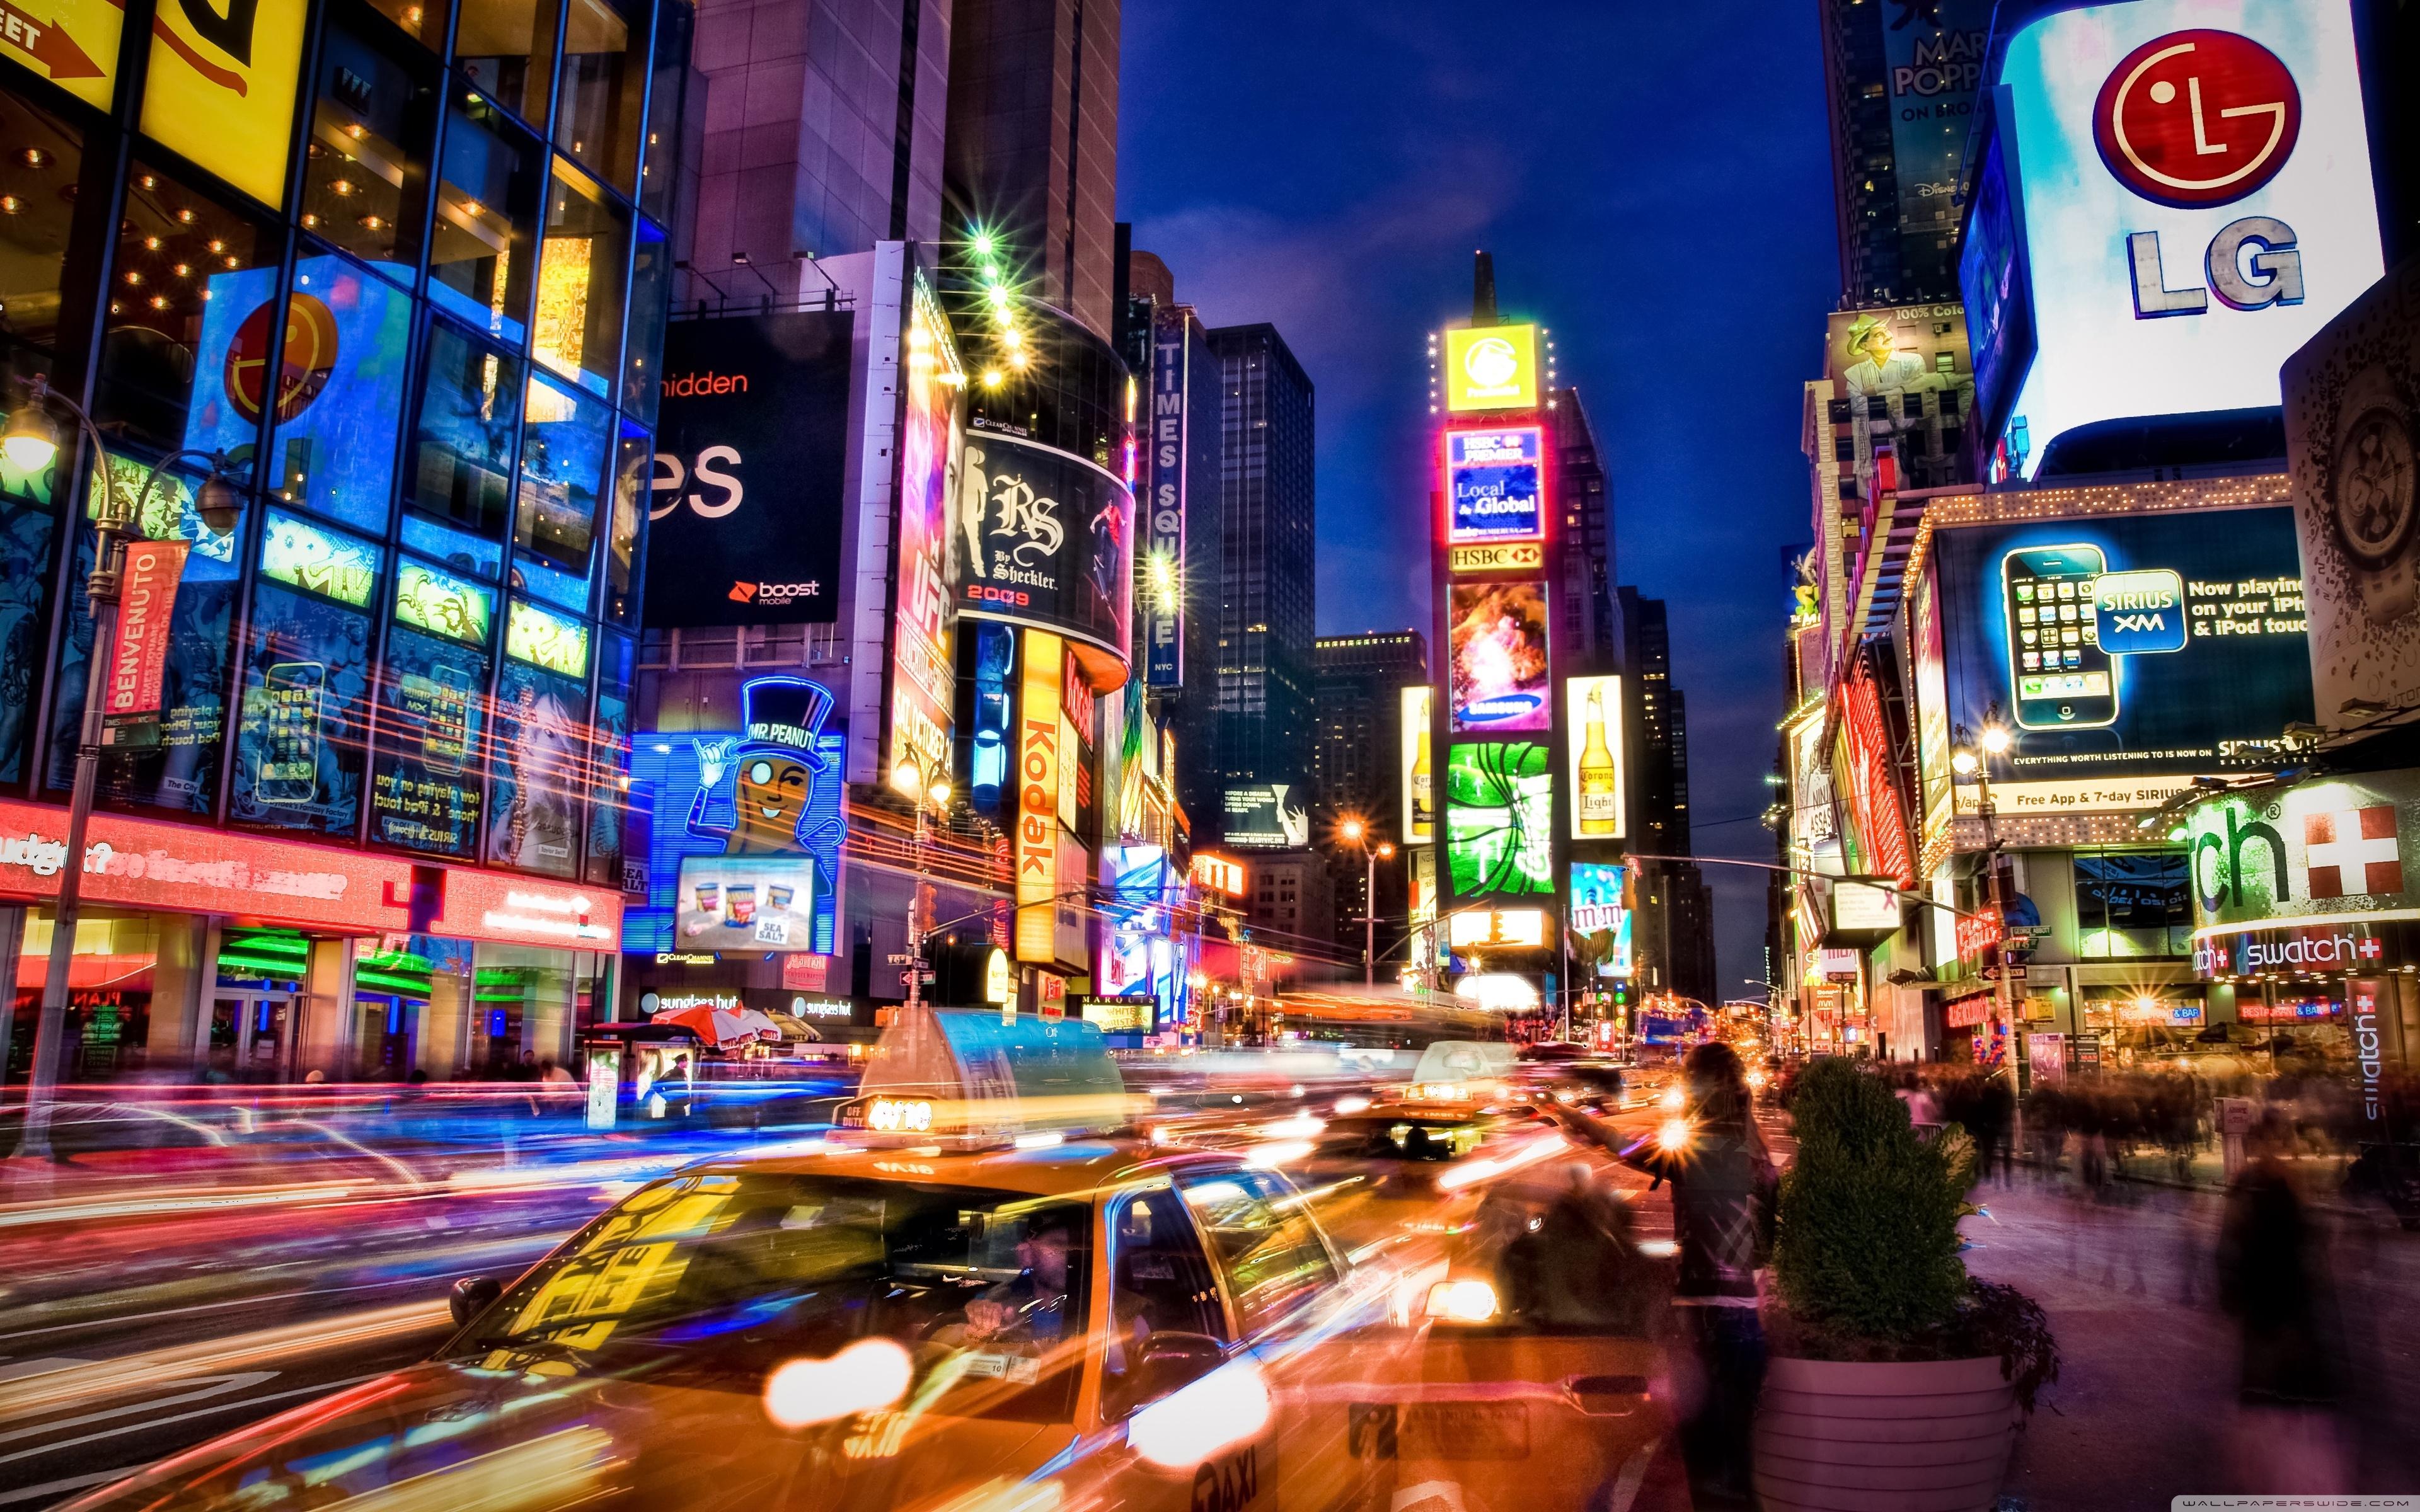 new york city at night ❤ 4k hd desktop wallpaper for 4k ultra hd tv